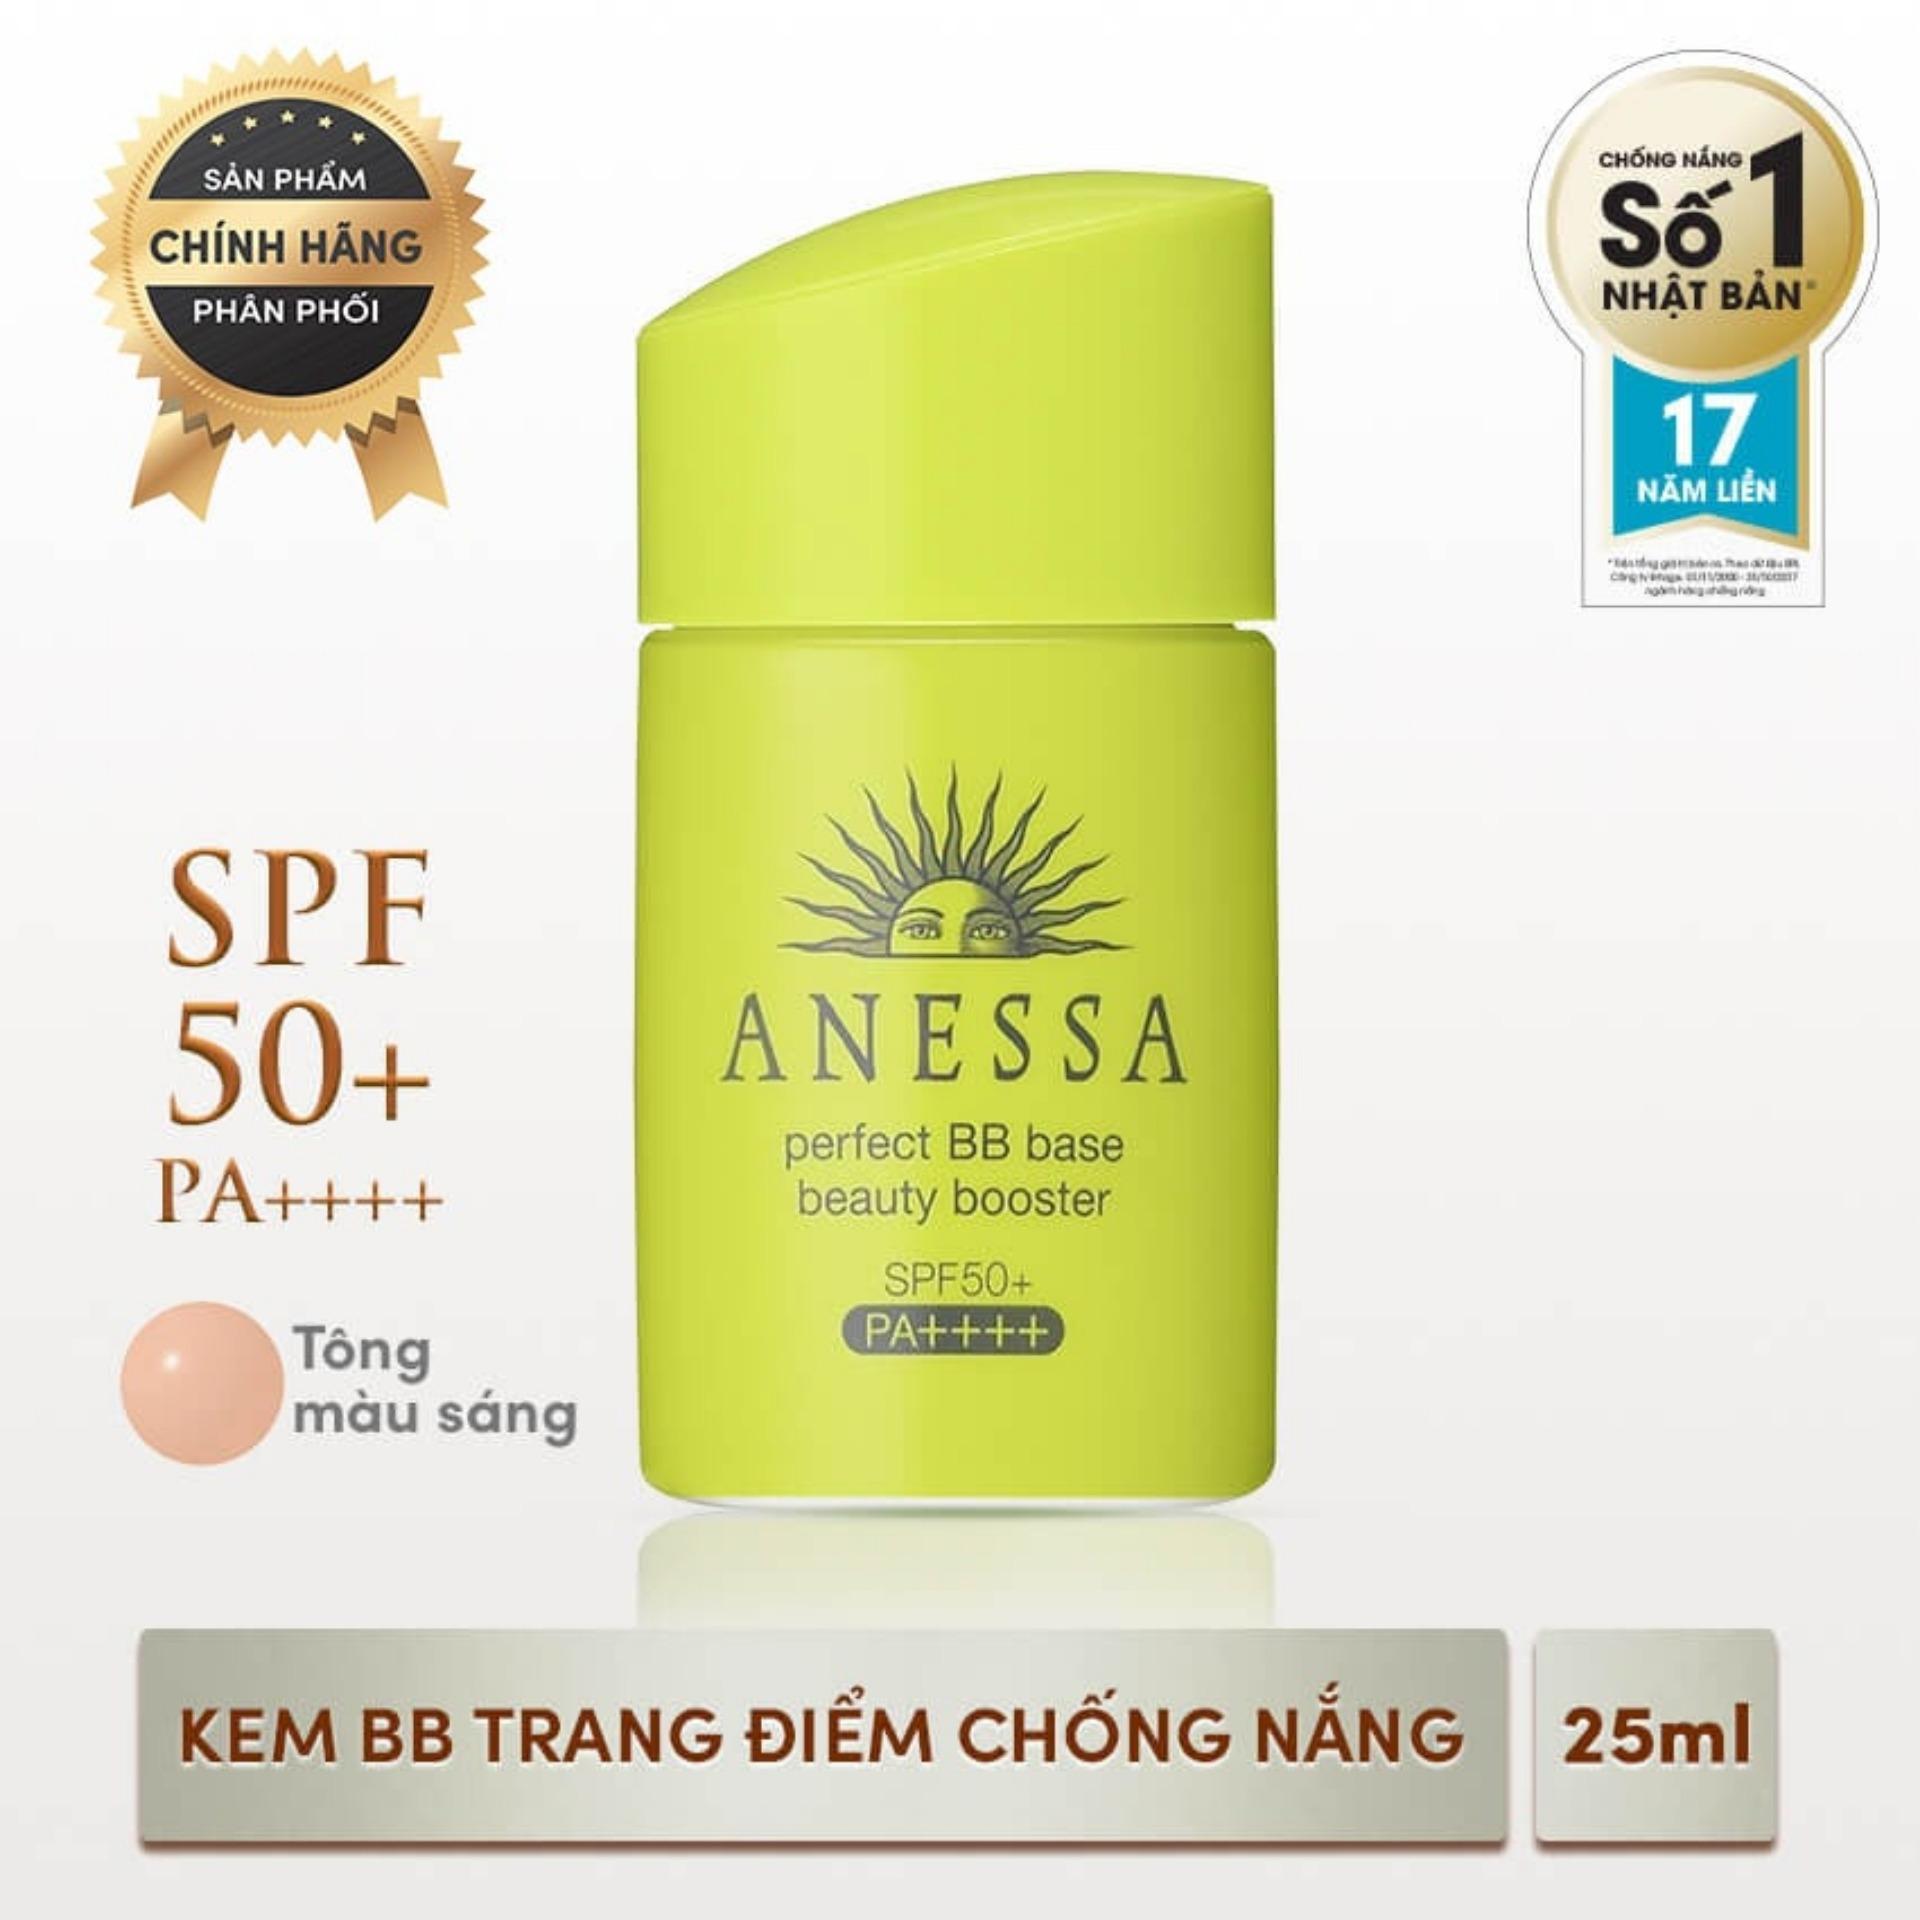 Kem trang điểm chống nắng khô thoáng ẩm mịn BB tông màu sáng mịn Anessa Perfect BB Base Beauty Booster Light - SPF 50+, PA++++ - 25ml tốt nhất